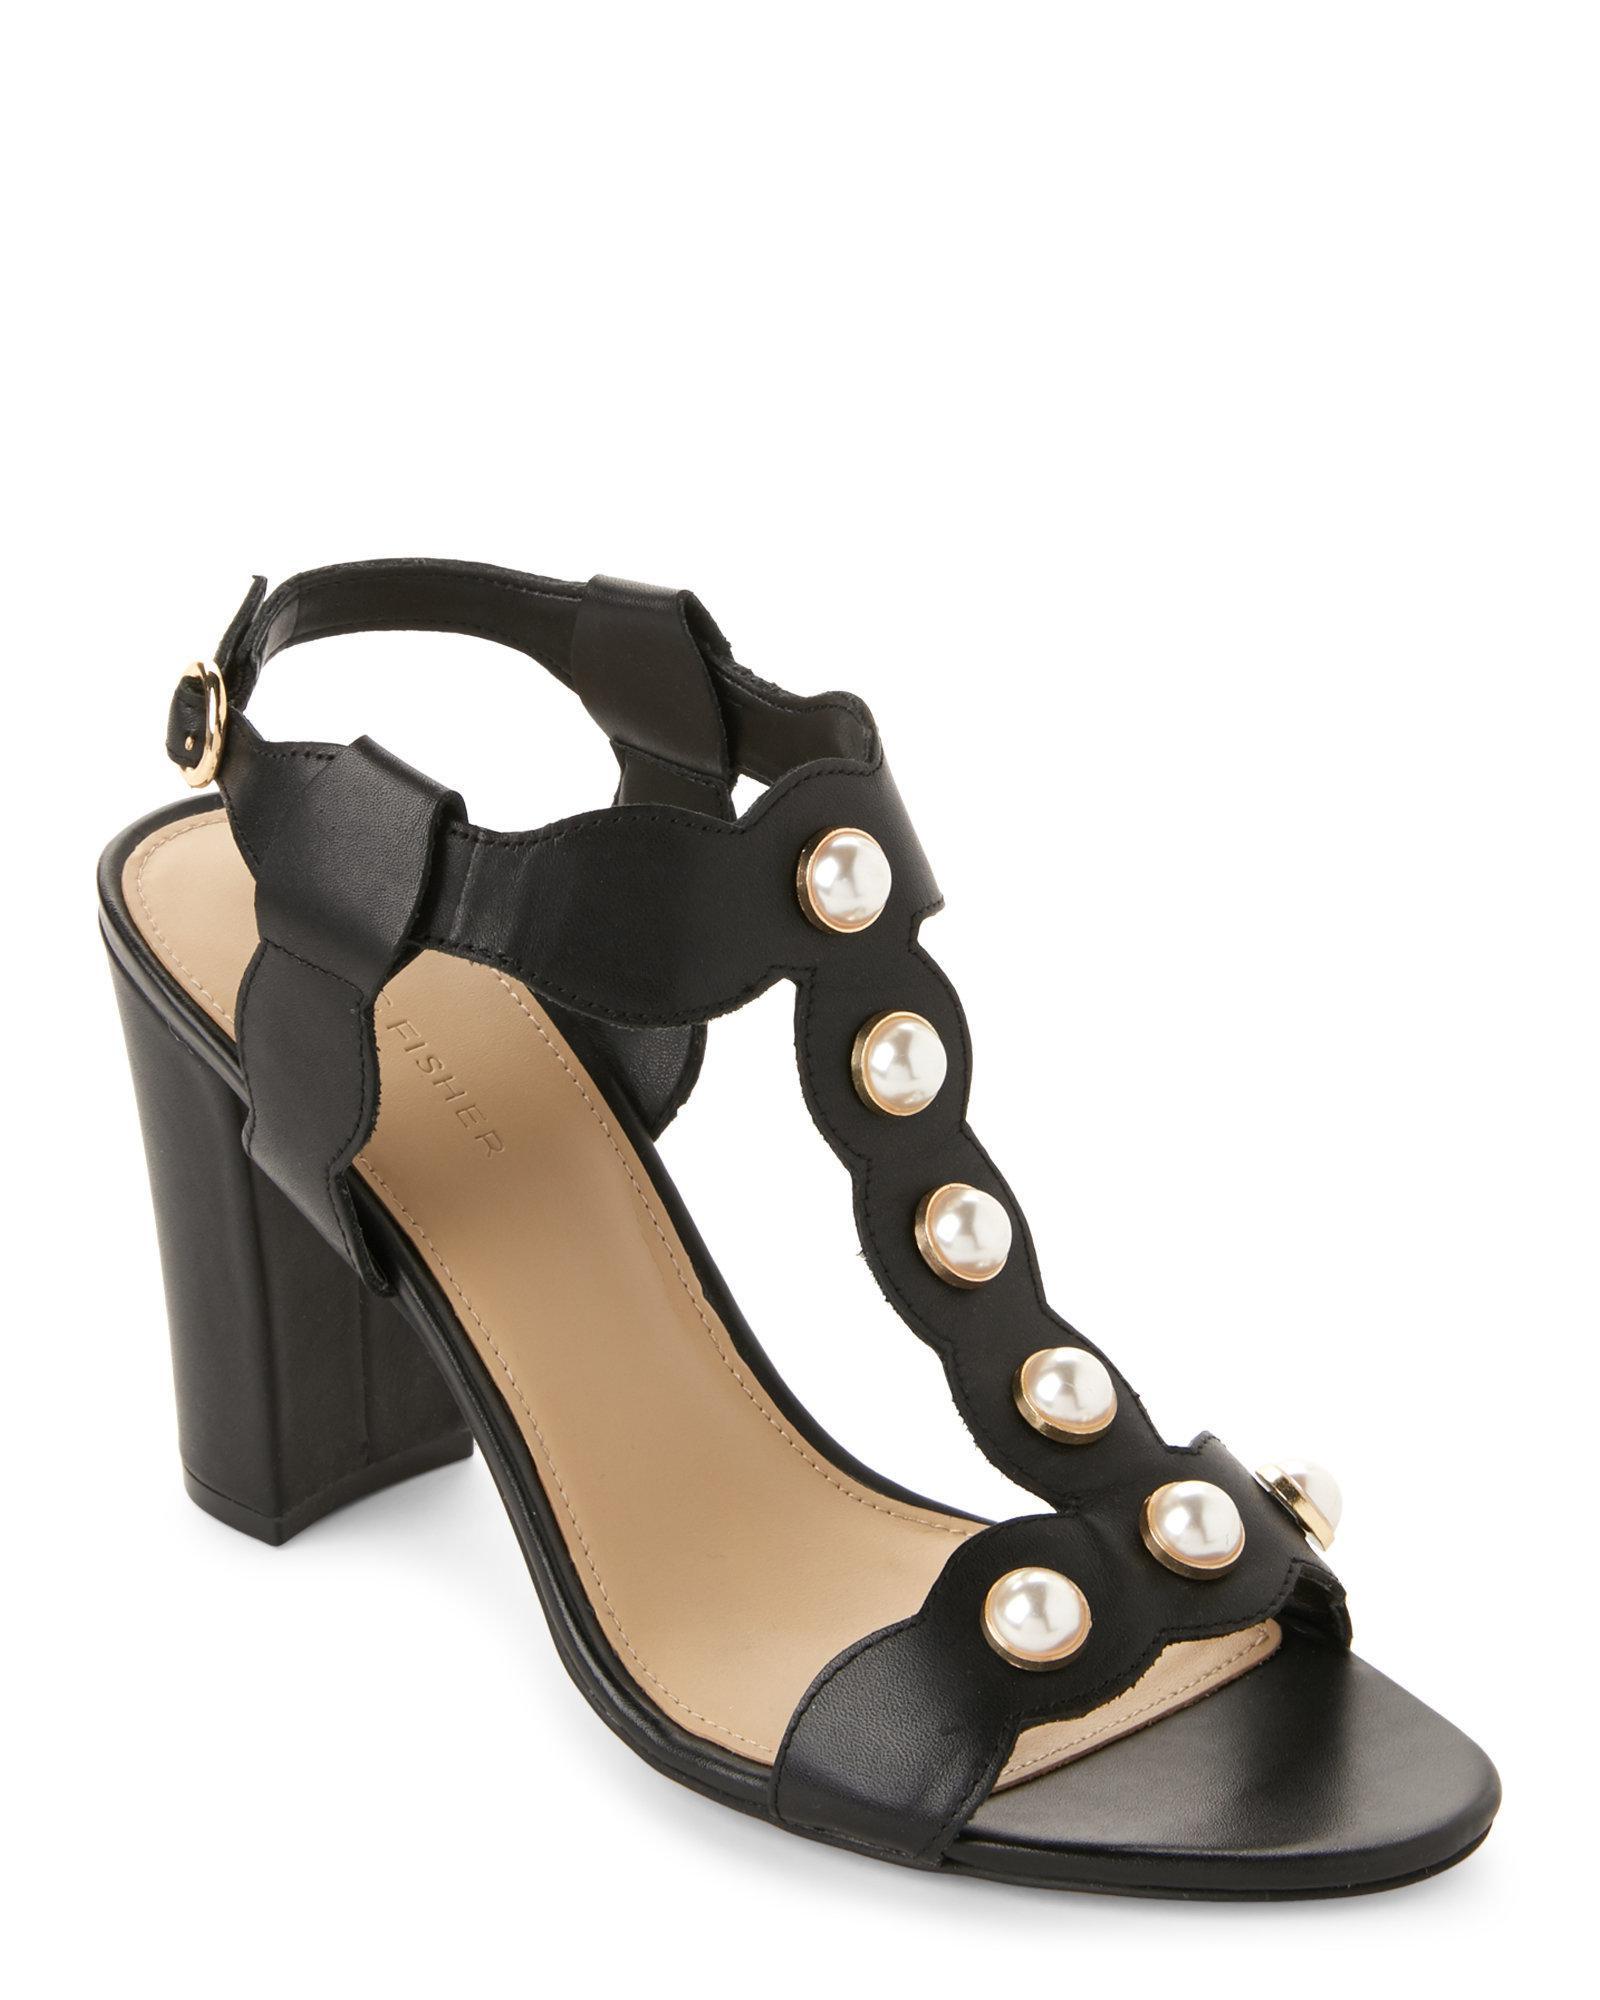 a499a802e04 Lyst - Marc Fisher Black Kaylee Embellished Block Heel Sandals in Black